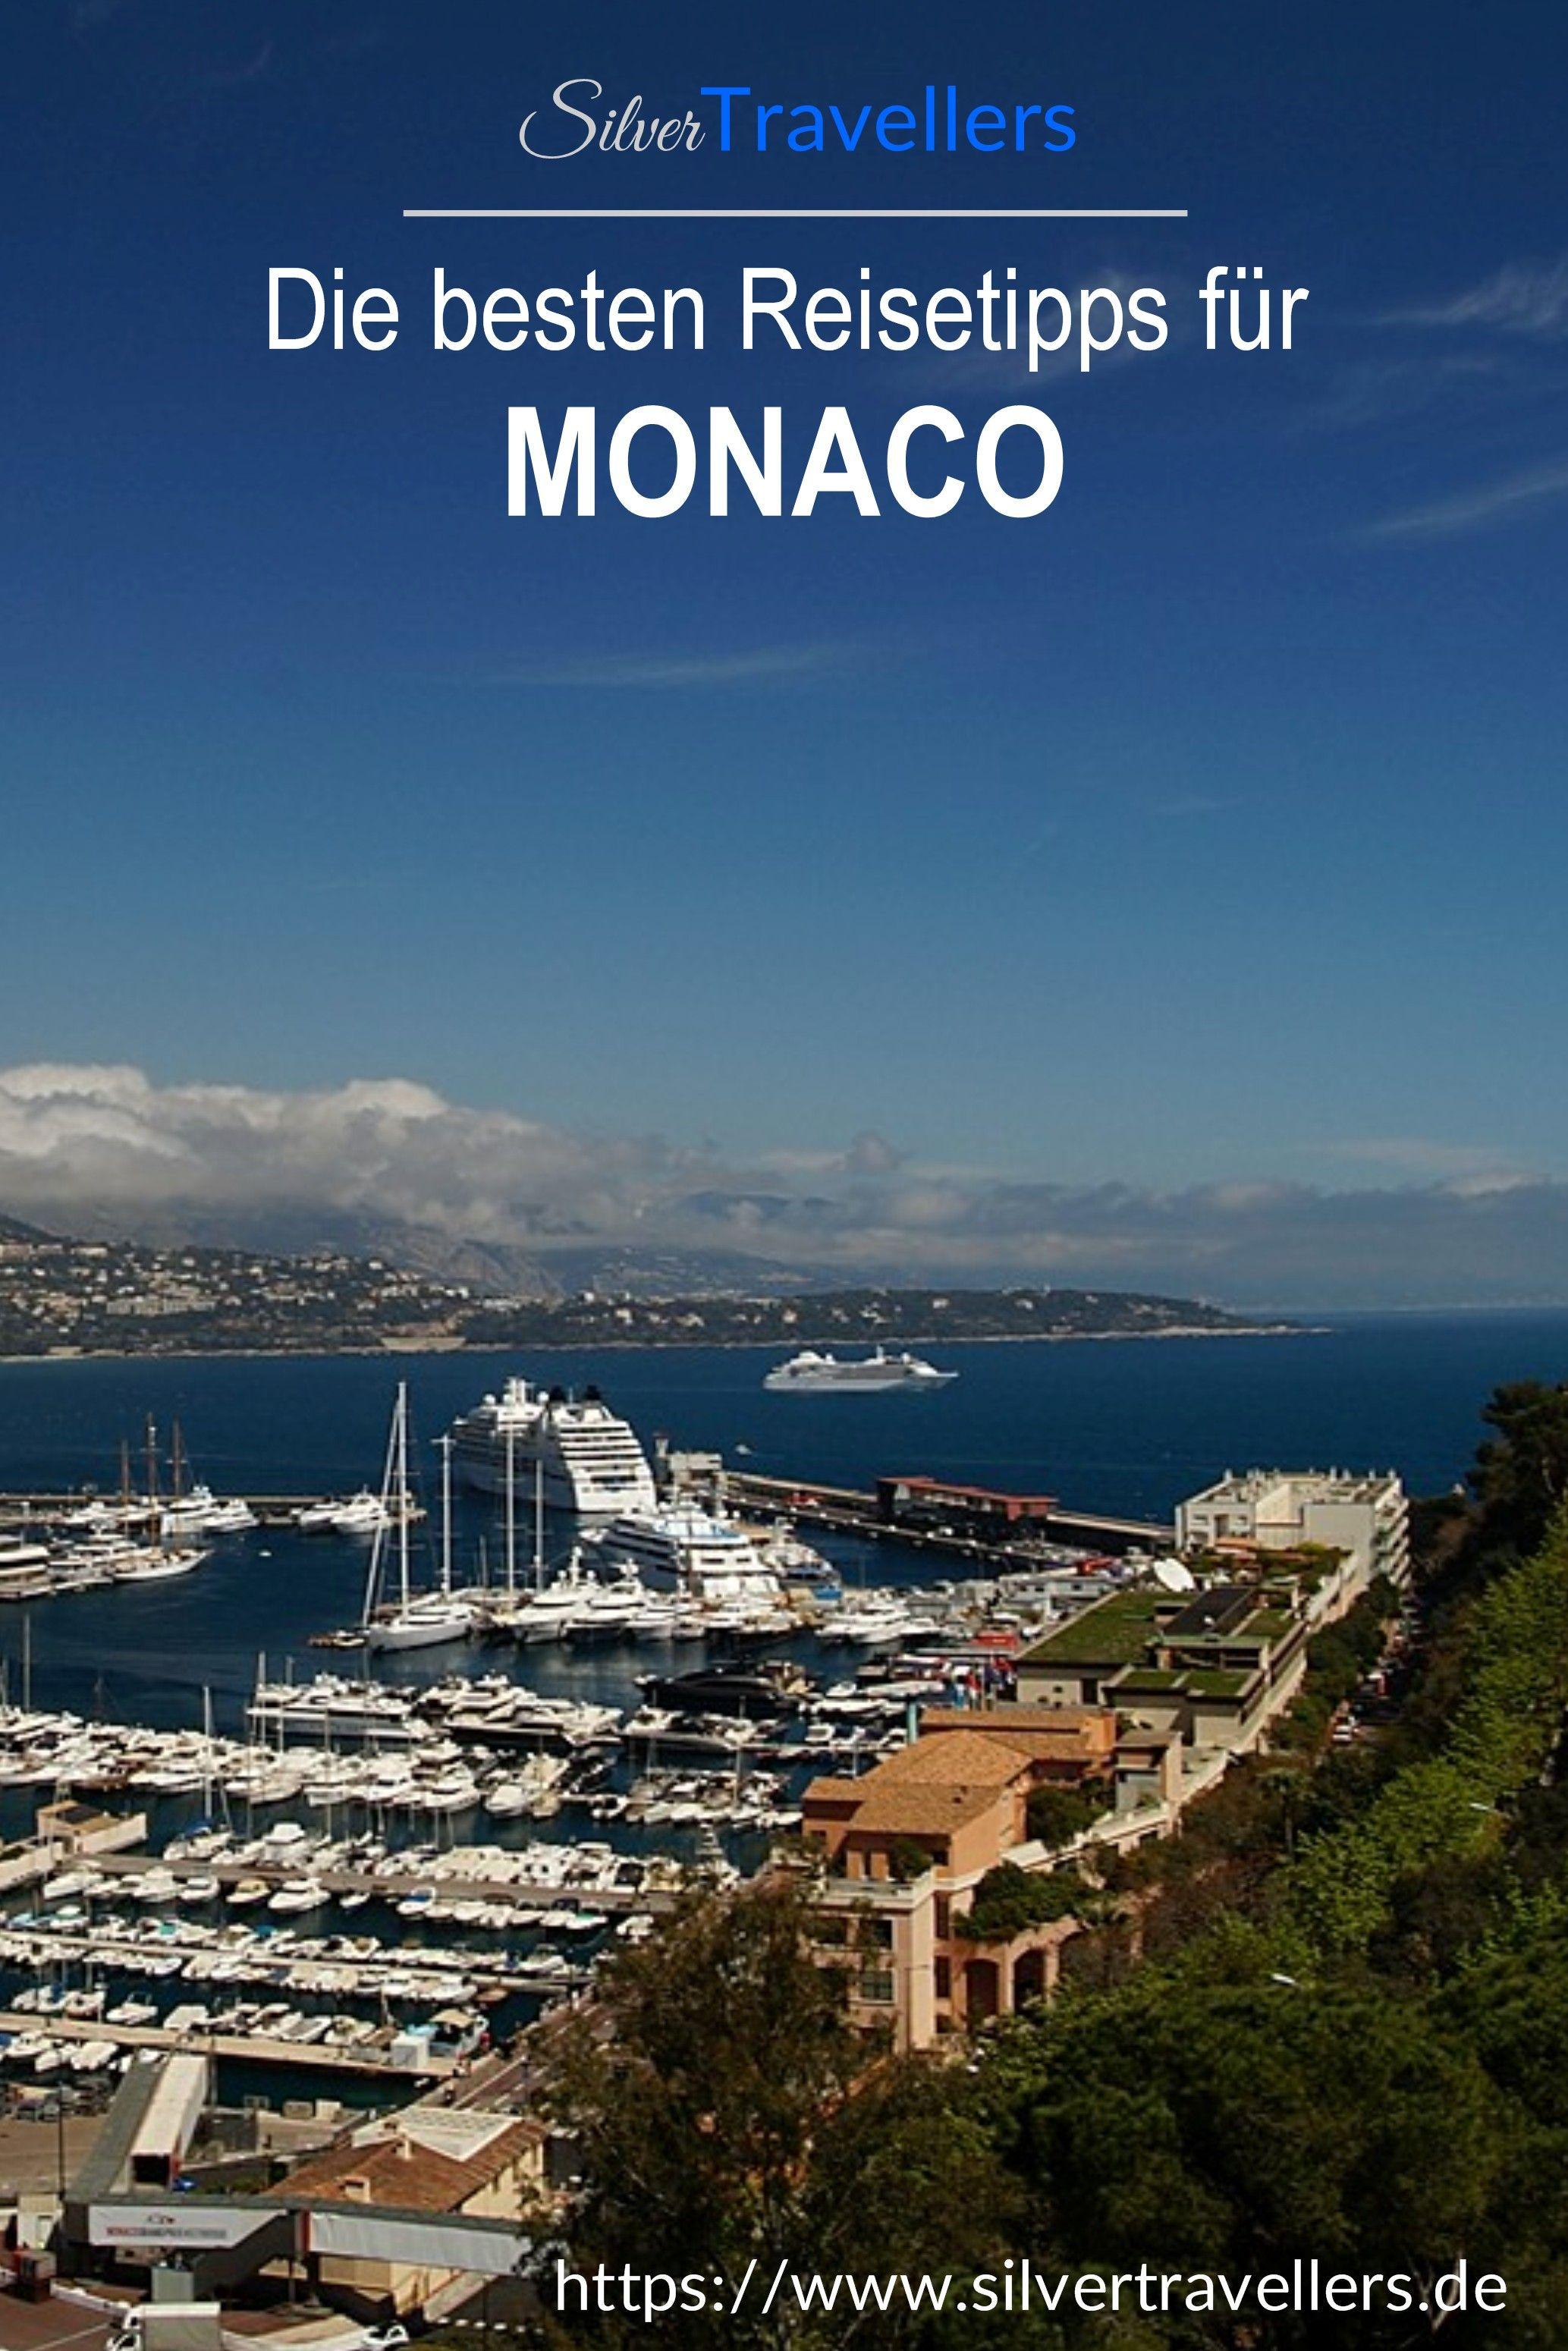 Die Besten Reisetipps Fur Monaco Das Beruhmte Casino Von Monte Carlo Der Exotische Garten Monaco Ville Und Das Prinzenpalai Reisen Reisetipps Urlaub Reisen